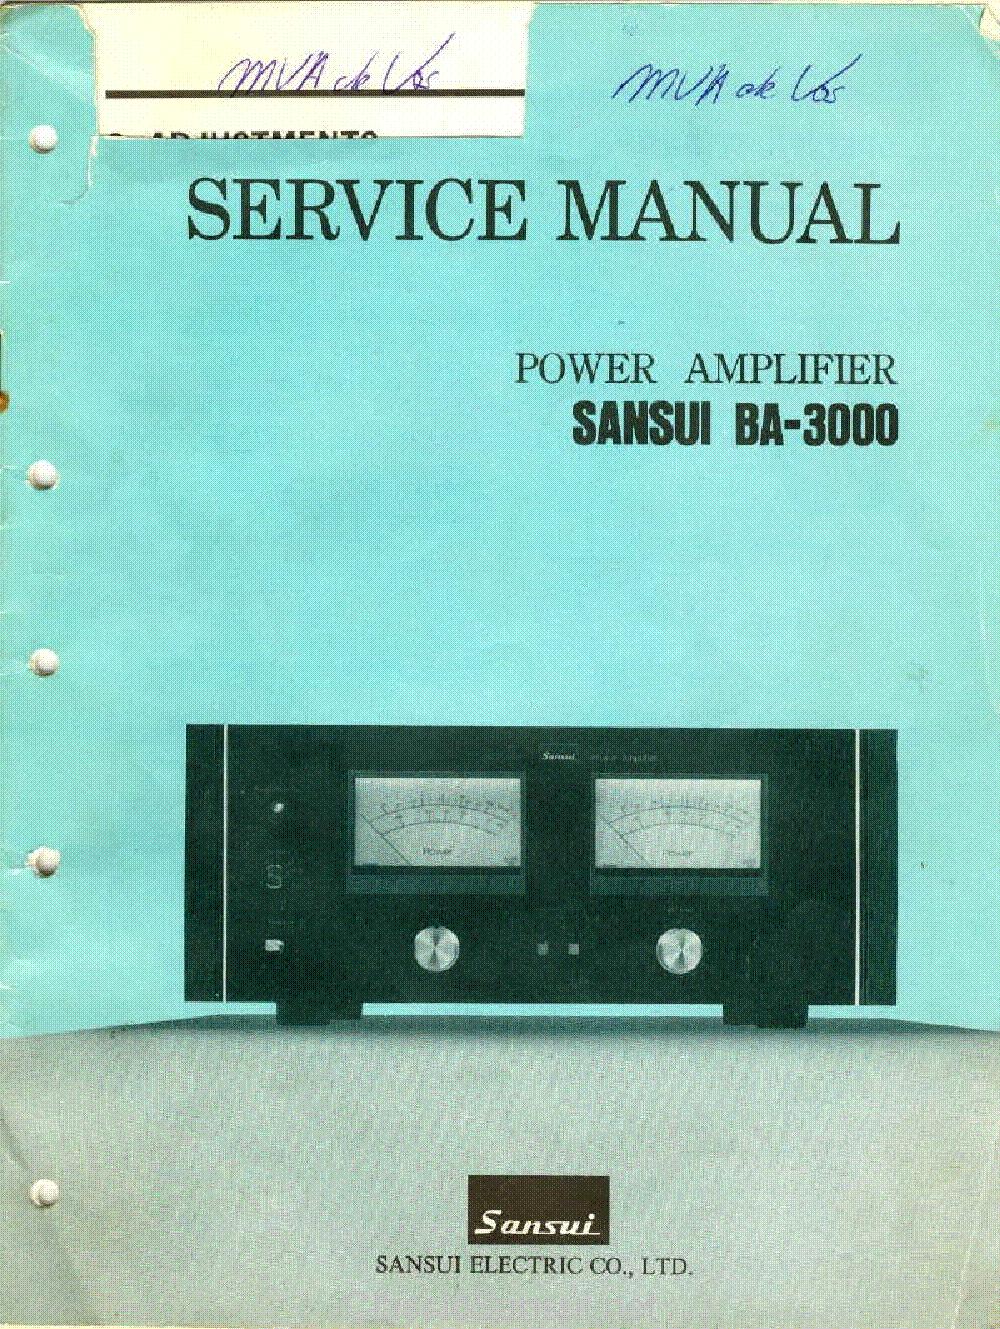 SANSUI BA-3000 POWER AMPLIFIER Service Manual download, schematics